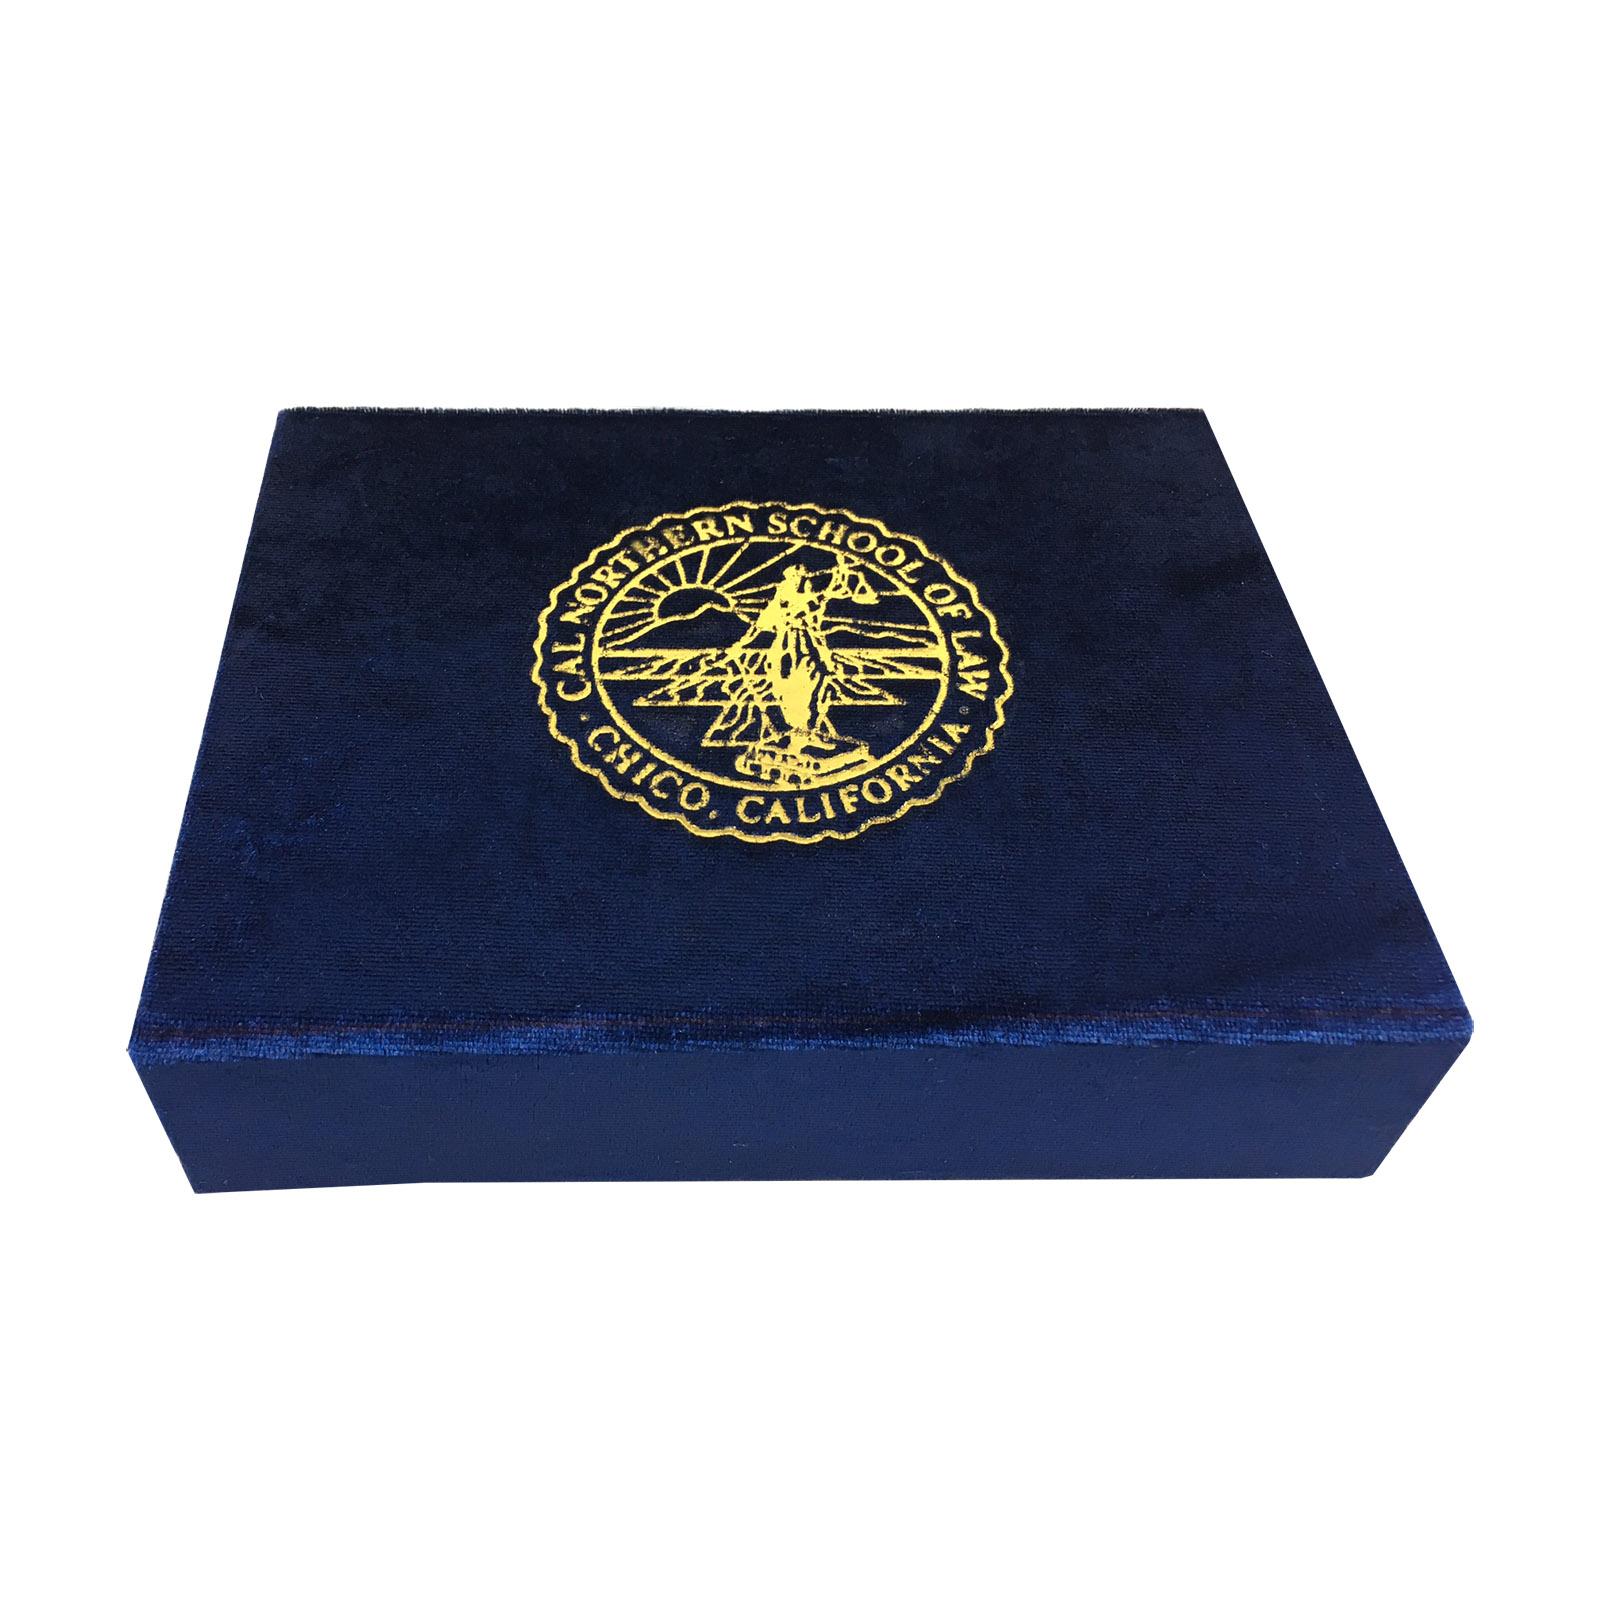 Magnetic velvet logo stamped packaging box